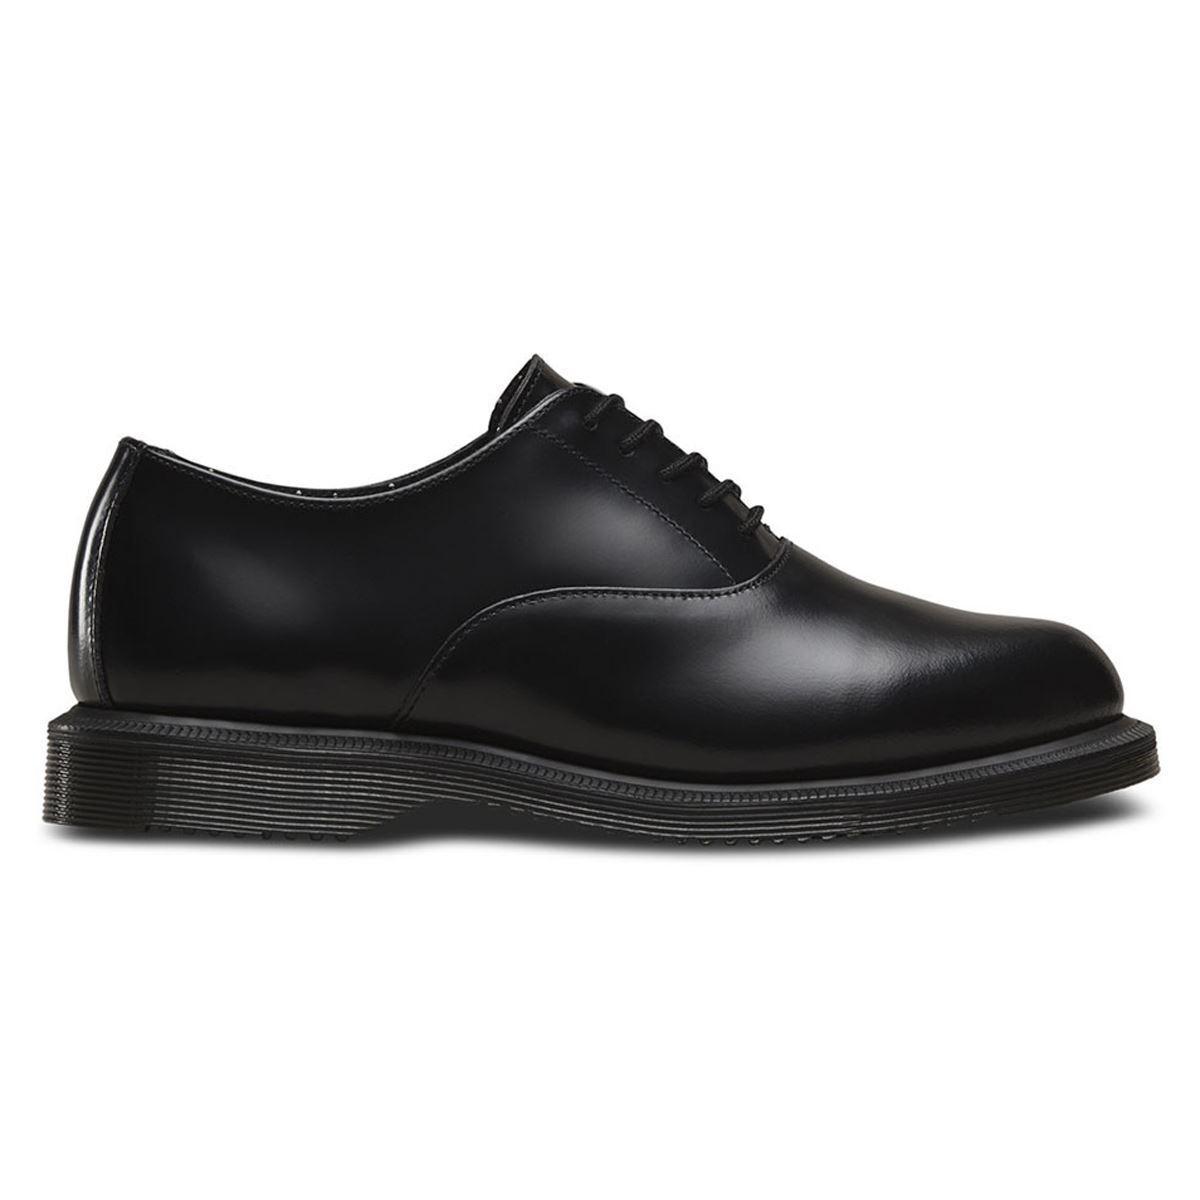 [TG.37] da Paco Uomoa - Nuria, scarpe da [TG.37] sposa  da donna f91466